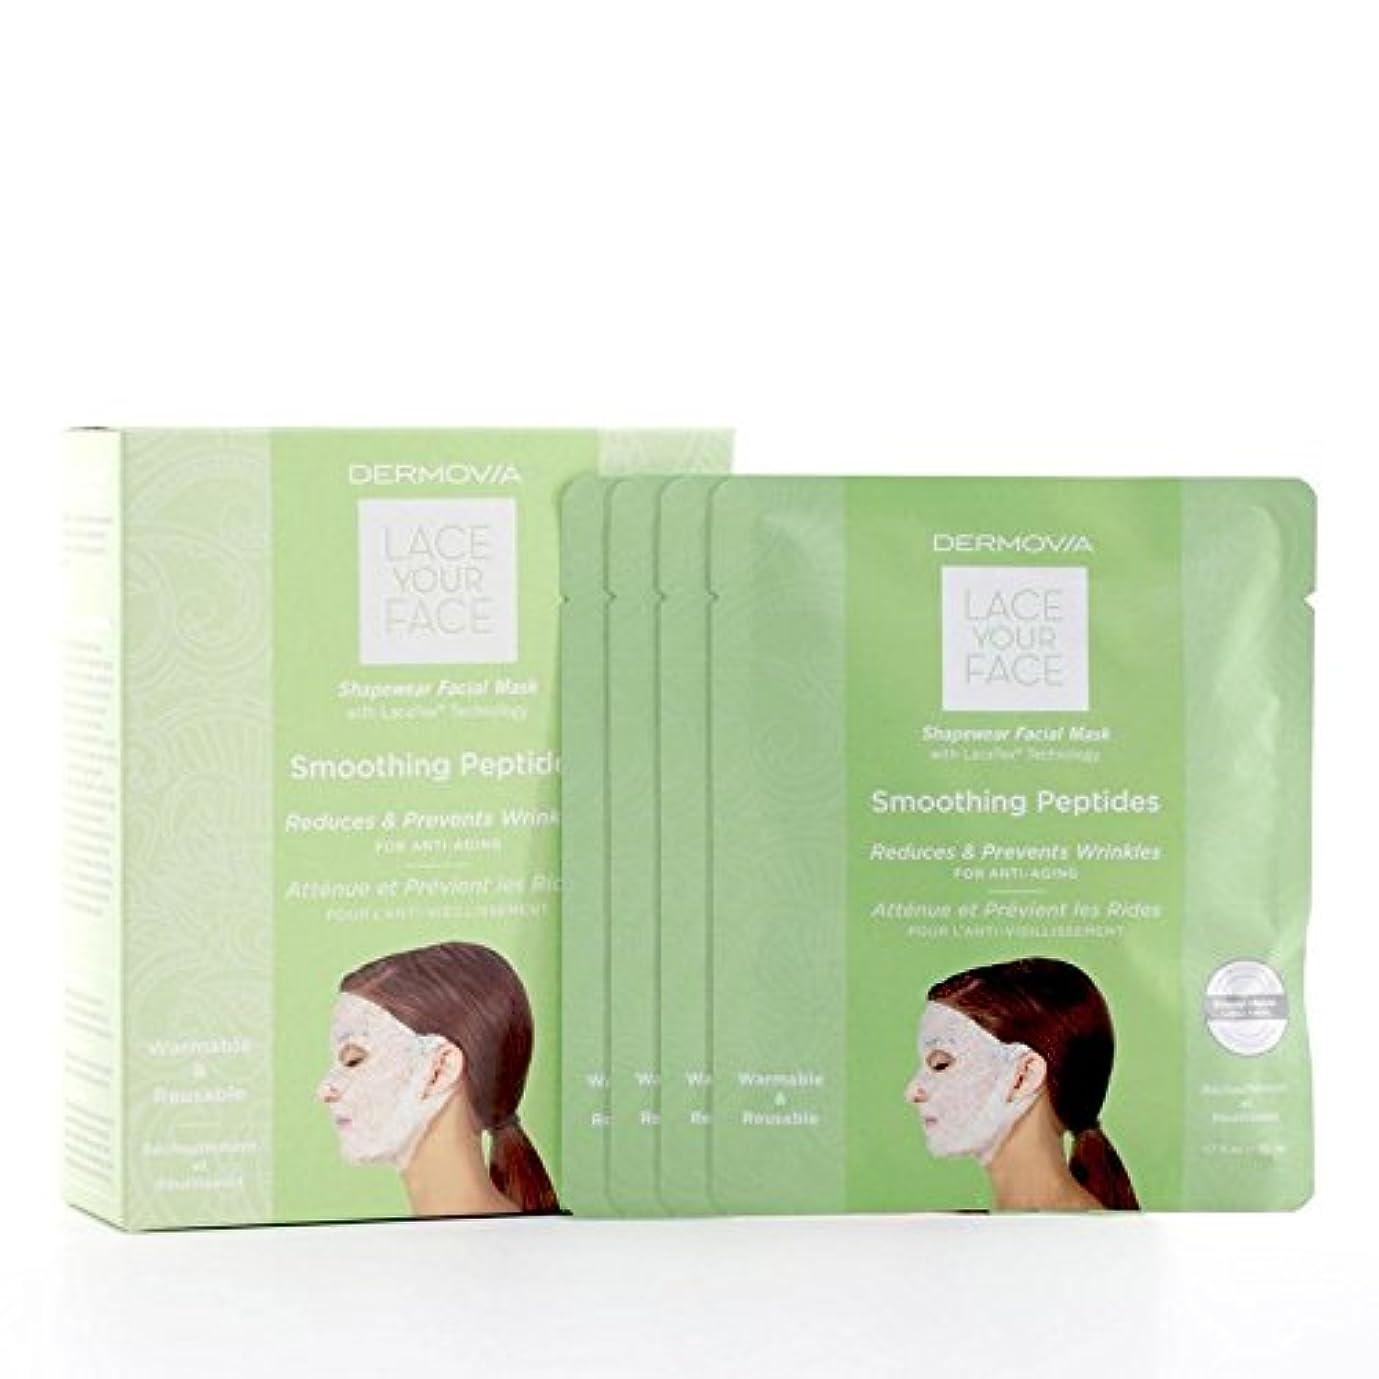 メモテセウスバーチャルDermovia Lace Your Face Compression Facial Mask Smoothing Peptides (Pack of 6) - は、あなたの顔の圧縮フェイシャルマスク平滑化ペプチドをひもで...